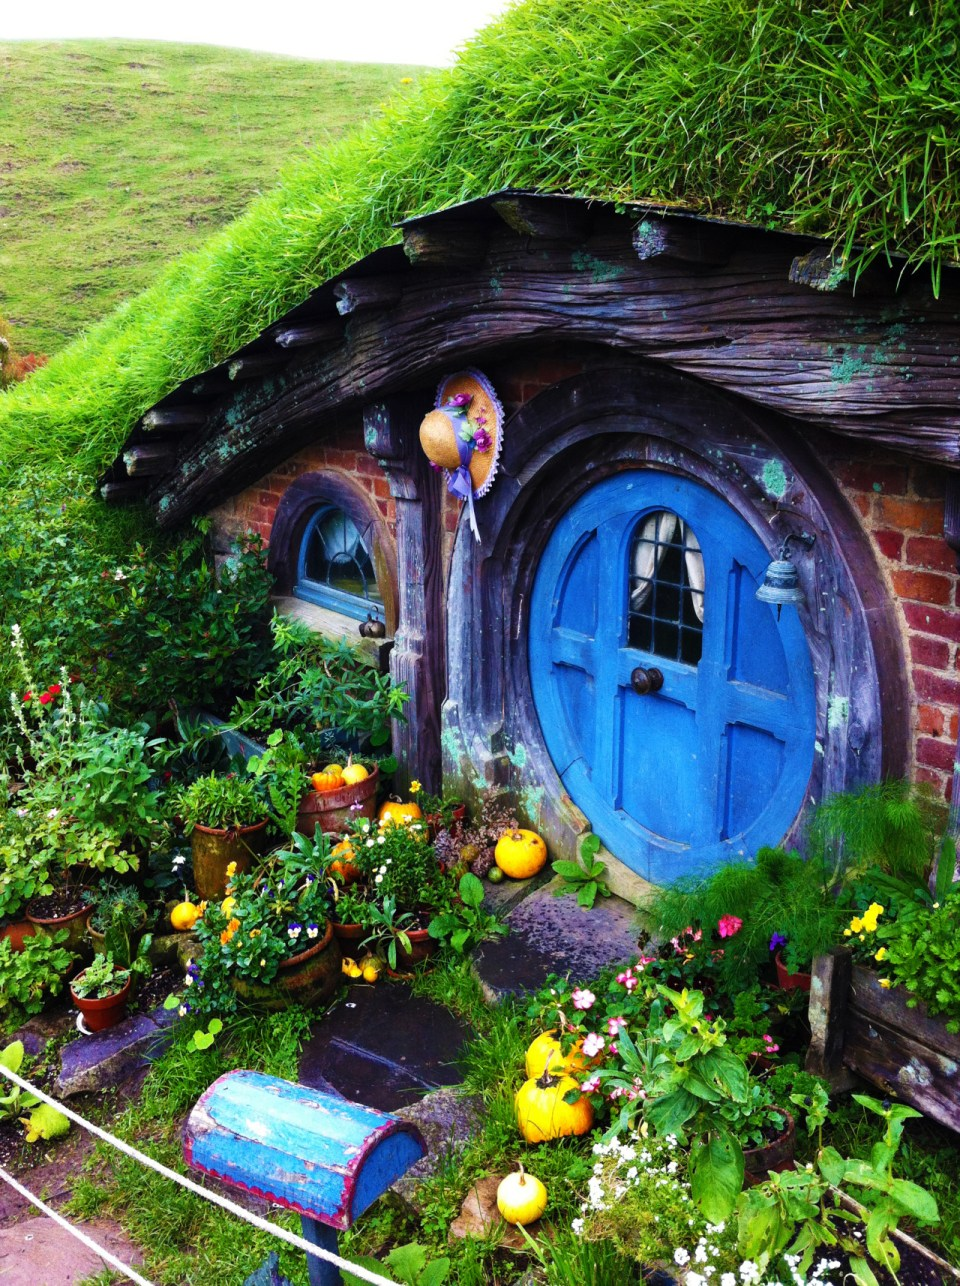 Fairy Garden Ideas: My blue heaven diy fairy garden